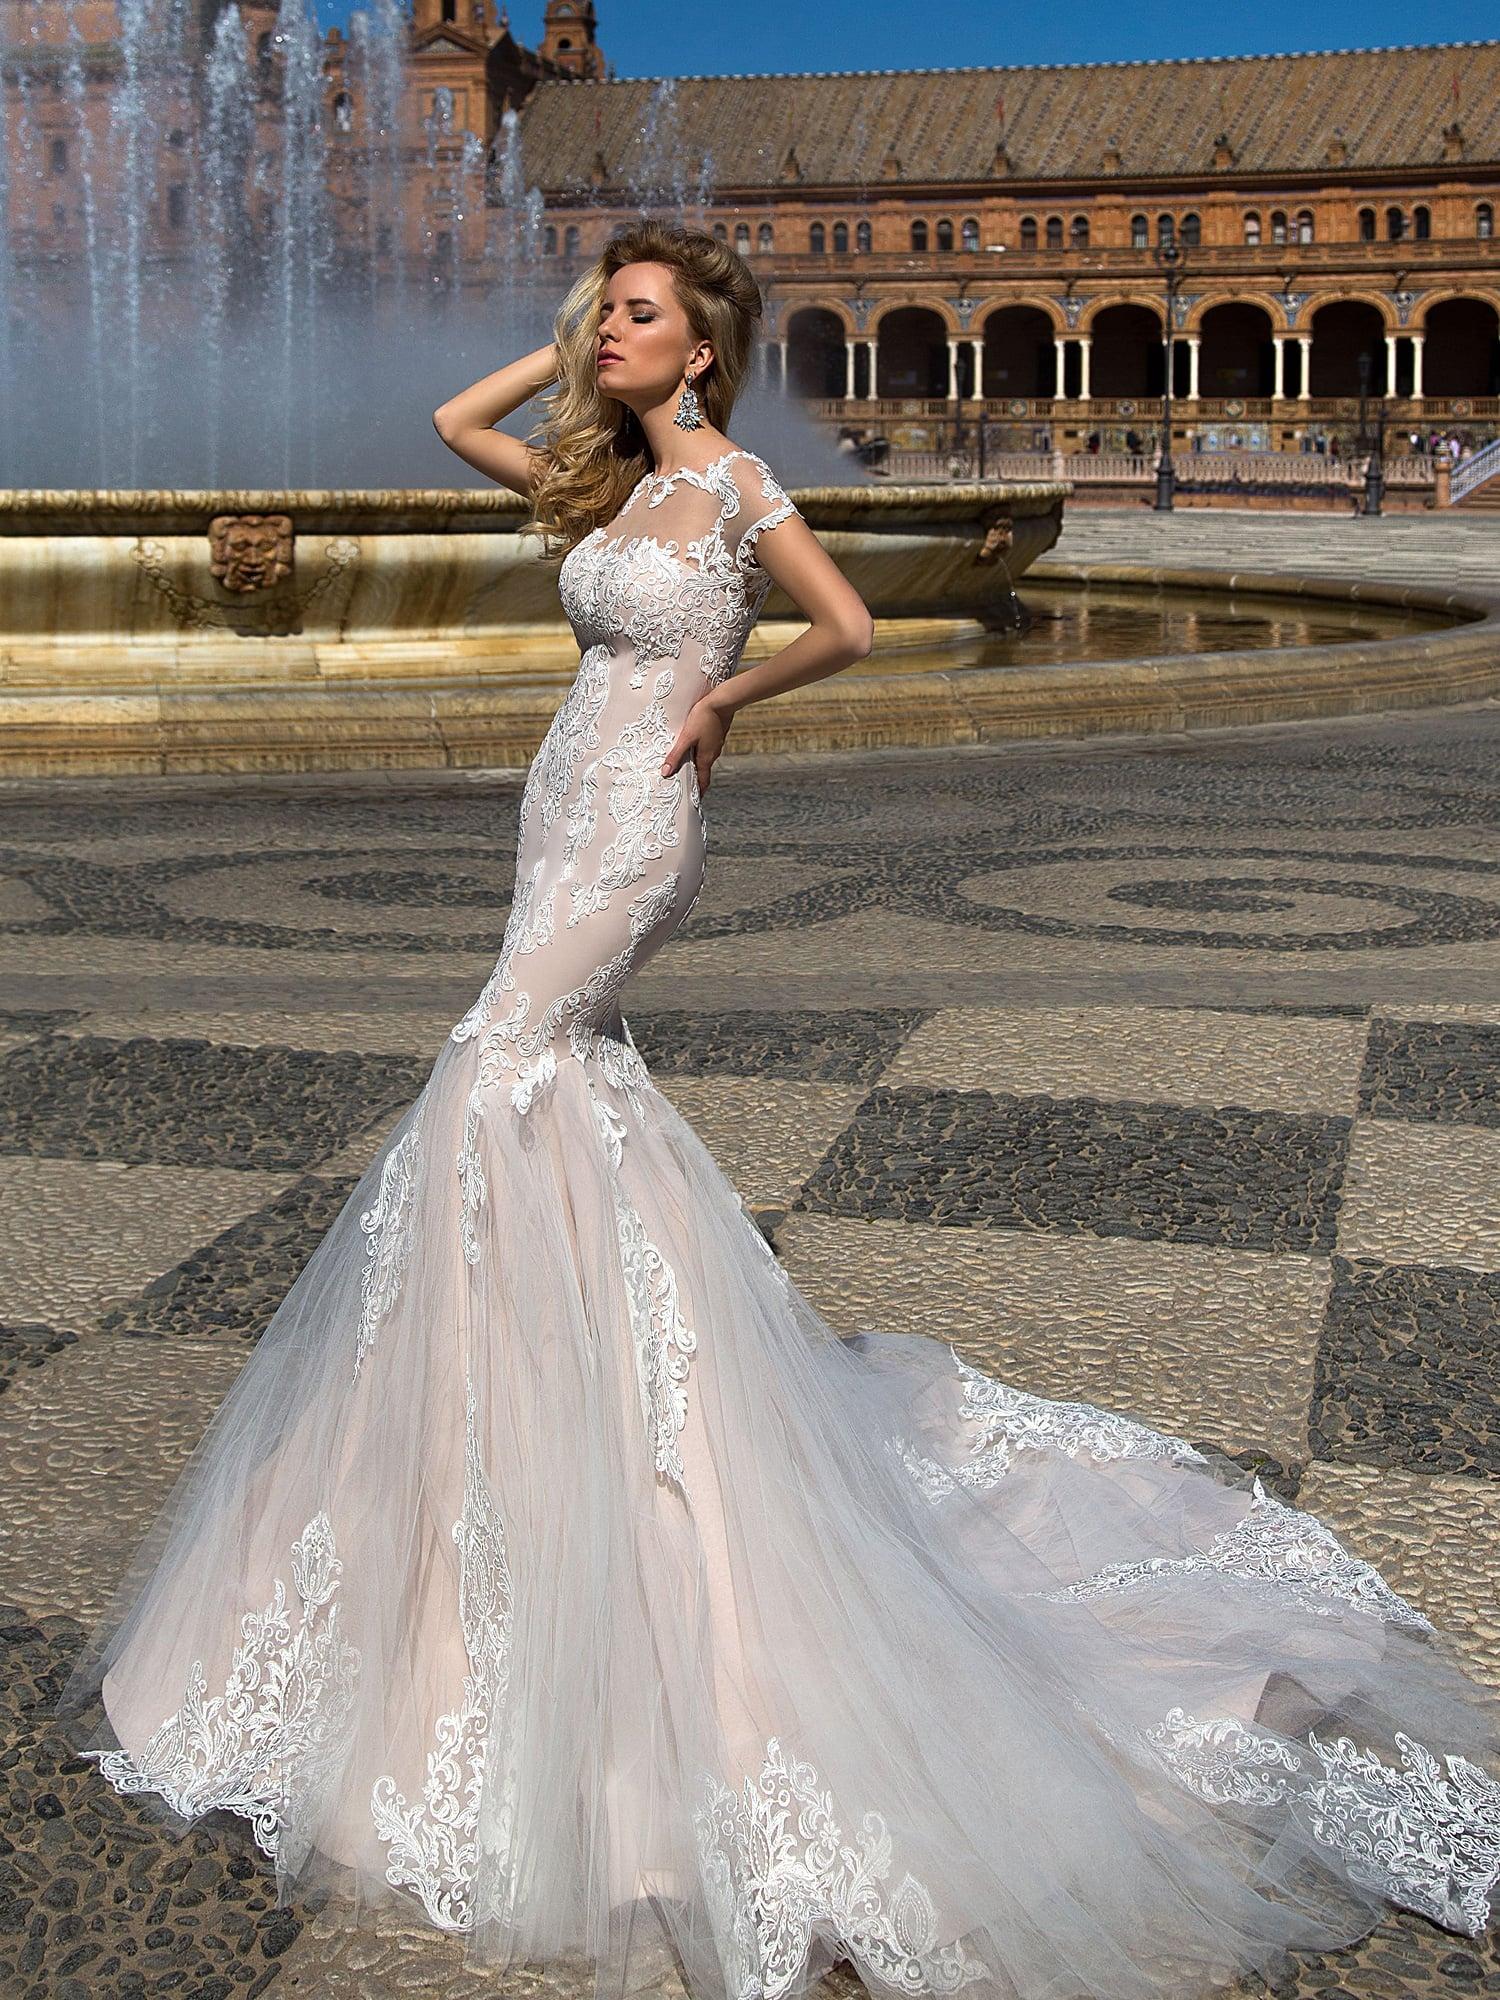 b58d898cab0345 Свадебное платье силуэта «рыбка» с бежевой подкладкой под слоем белого  кружева.